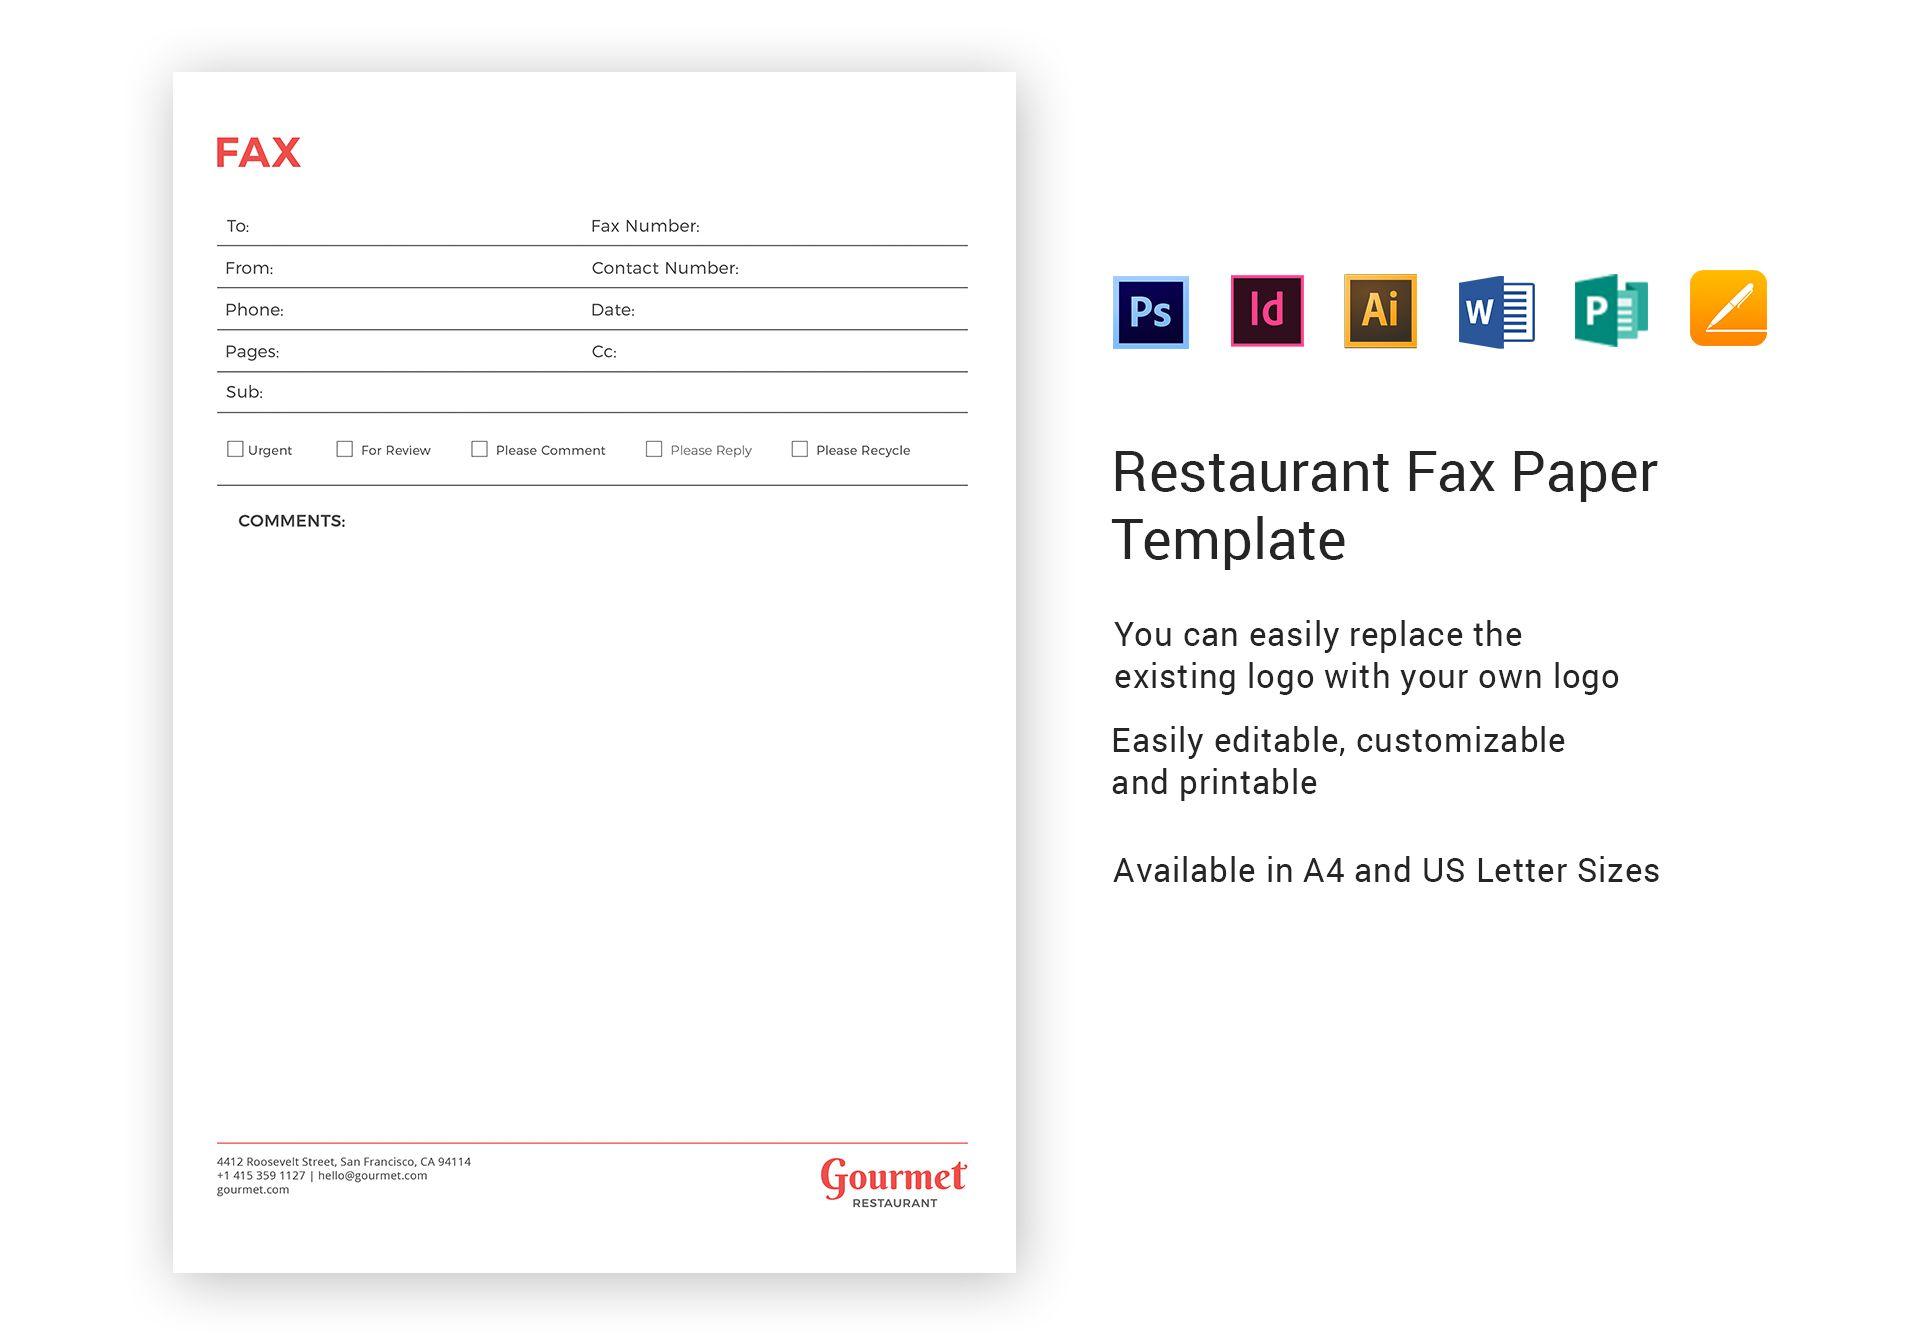 Restaurant Fax Paper Template